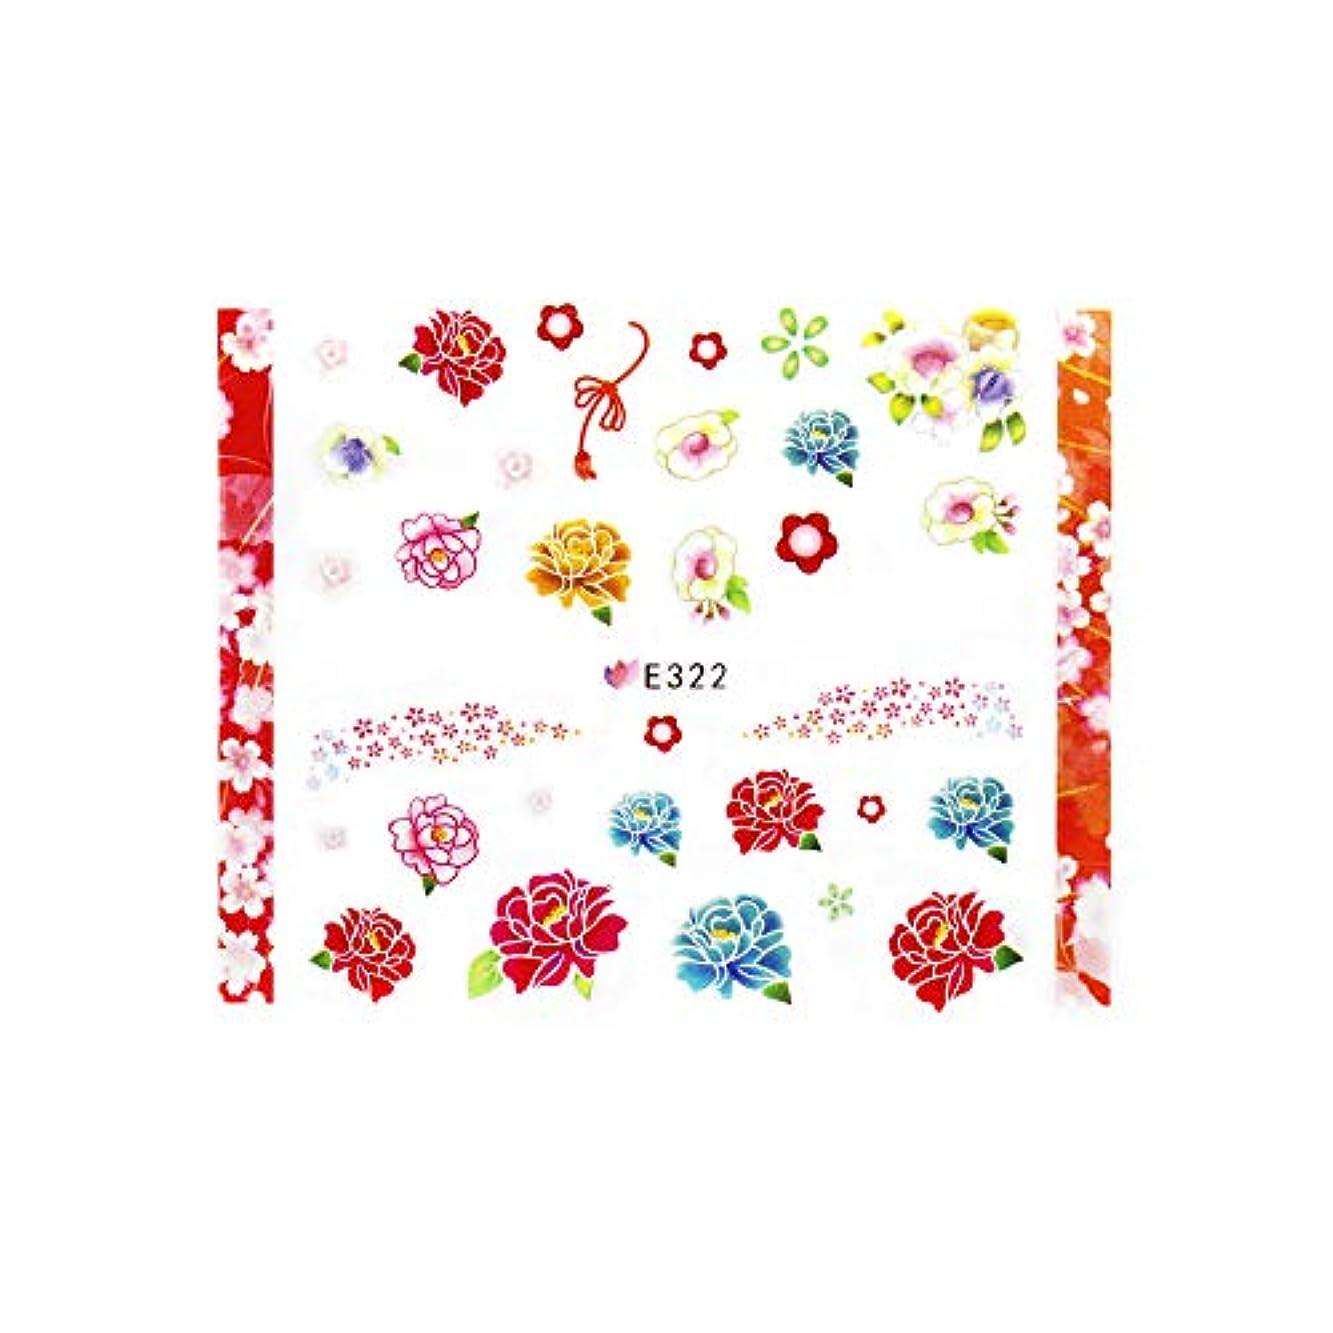 定期的にしおれた起点牡丹ネイルシール【レッド】花柄ネイル 和柄ネイル 和装ネイル フラワーシール 浴衣ネイル 和花ネイル ネイルアート